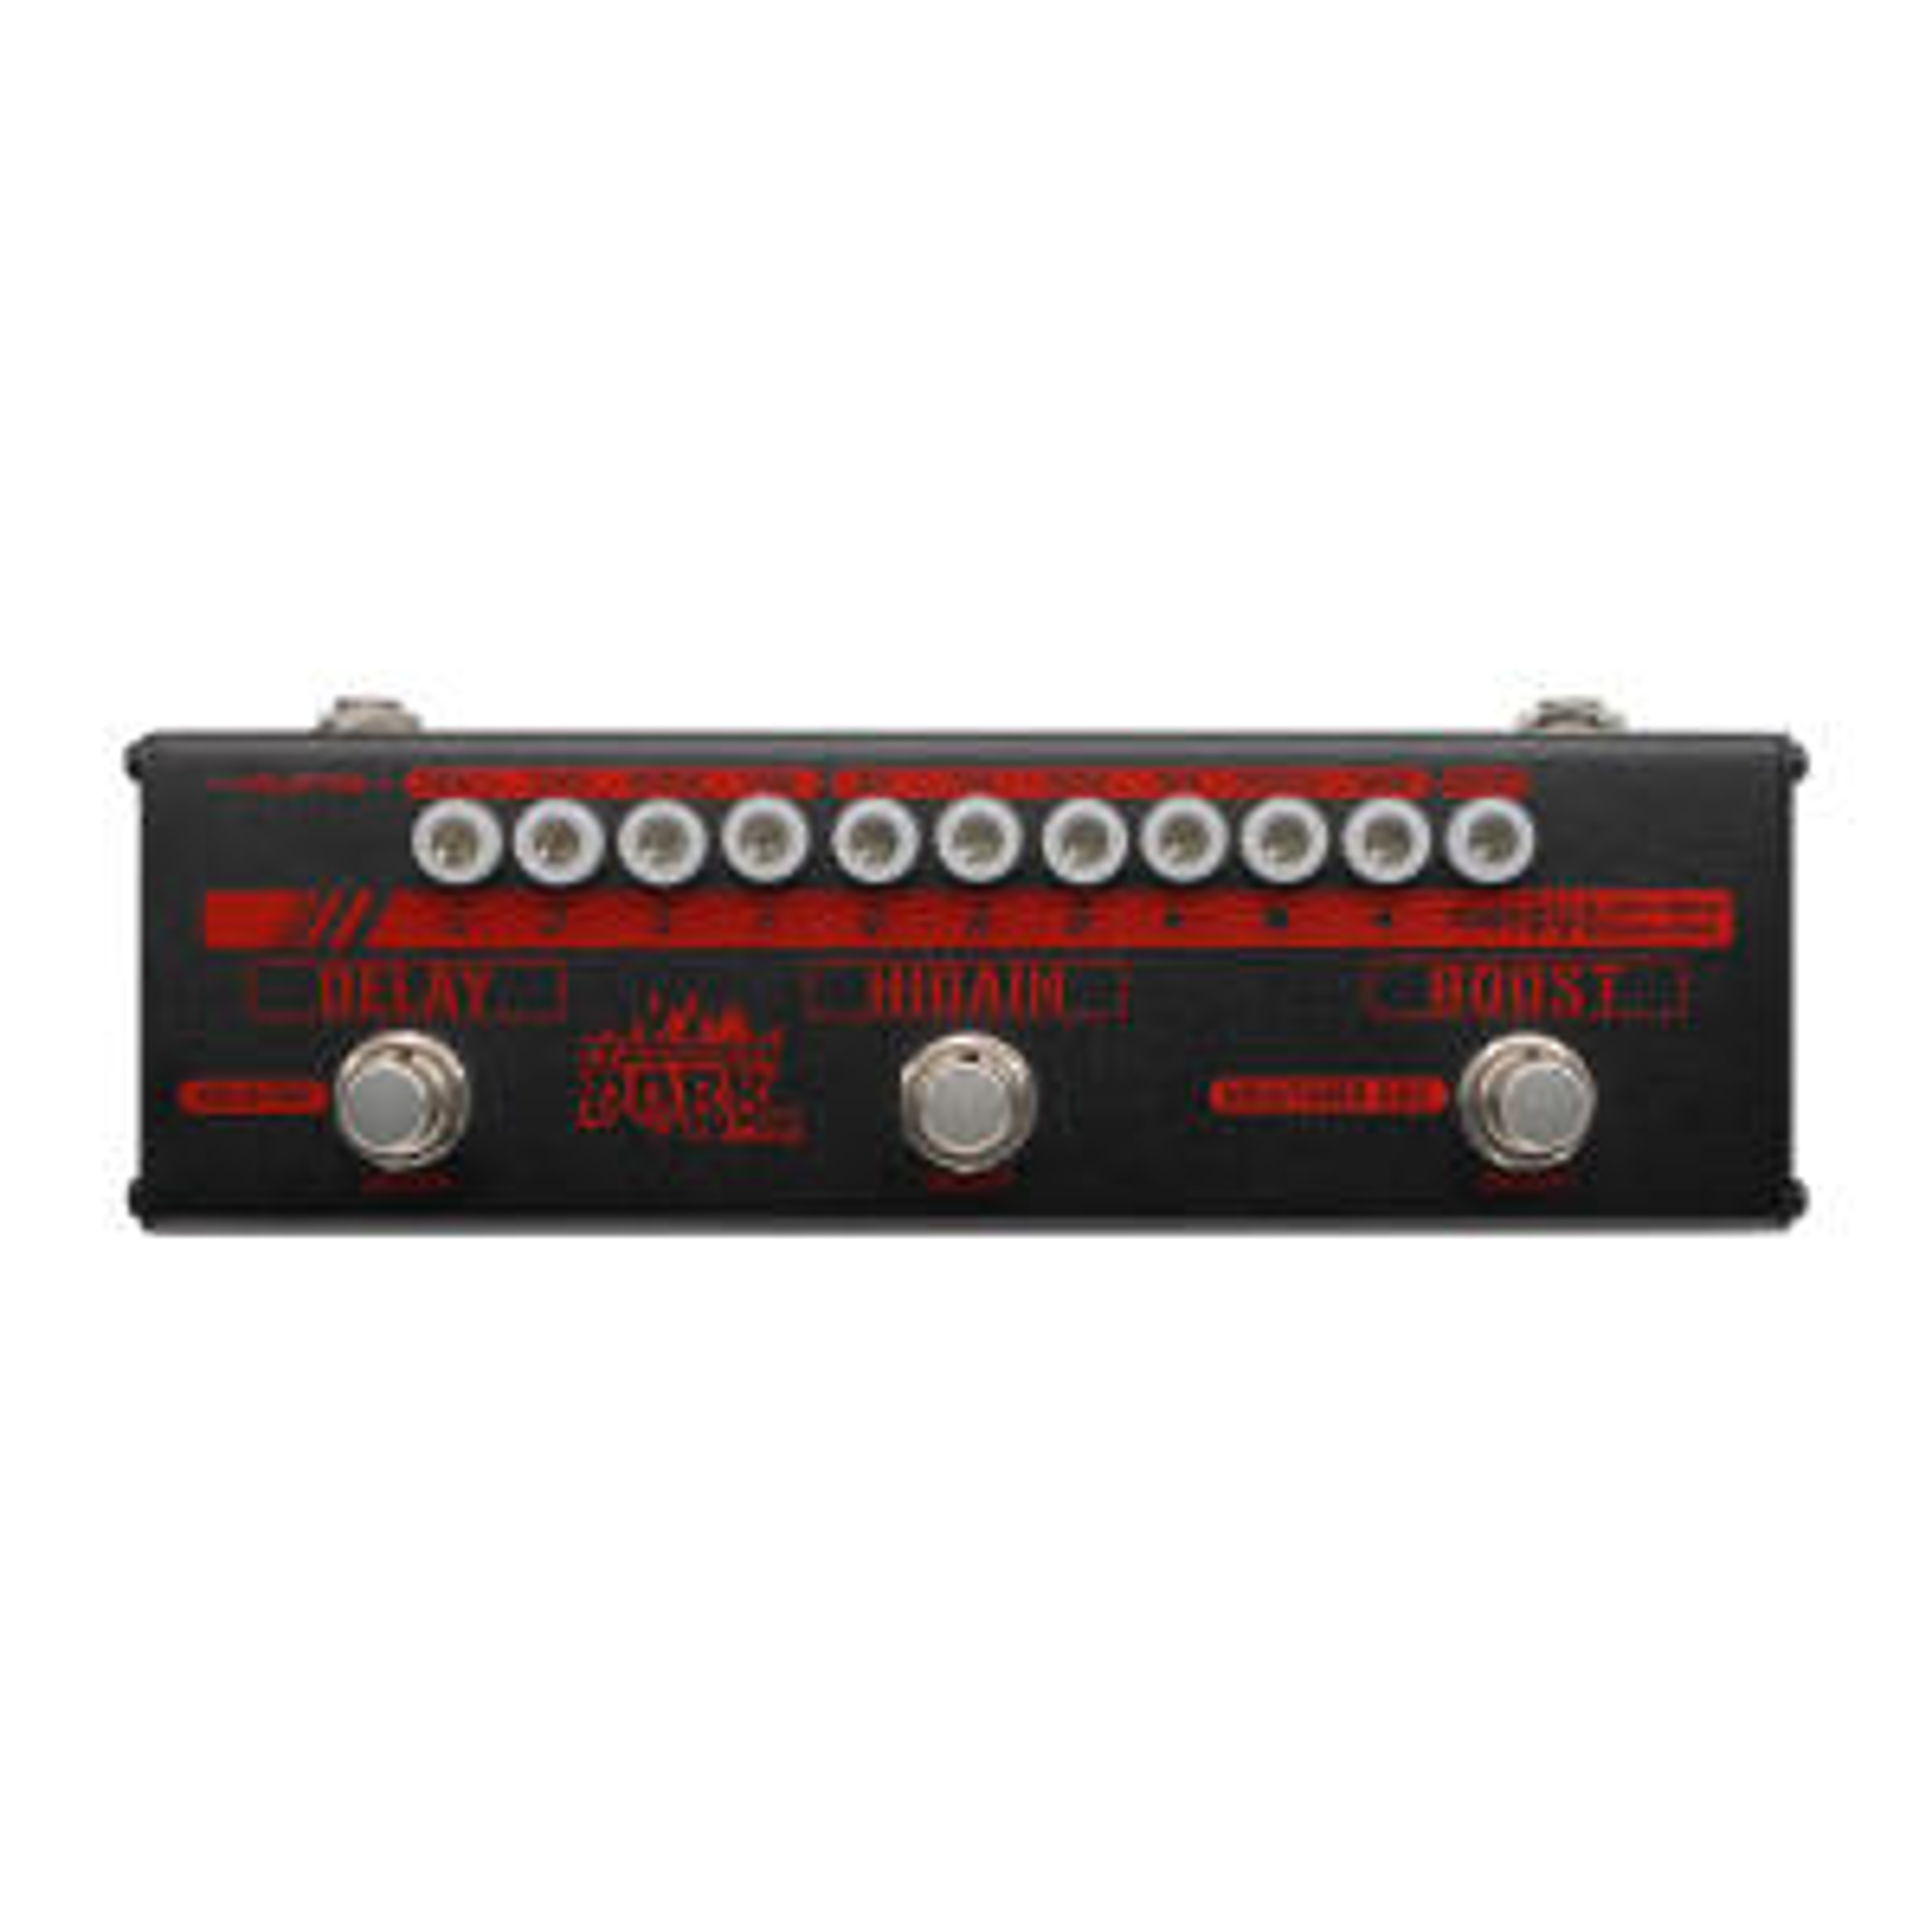 افکت گیتار والتون مدل Dapper Dark mini